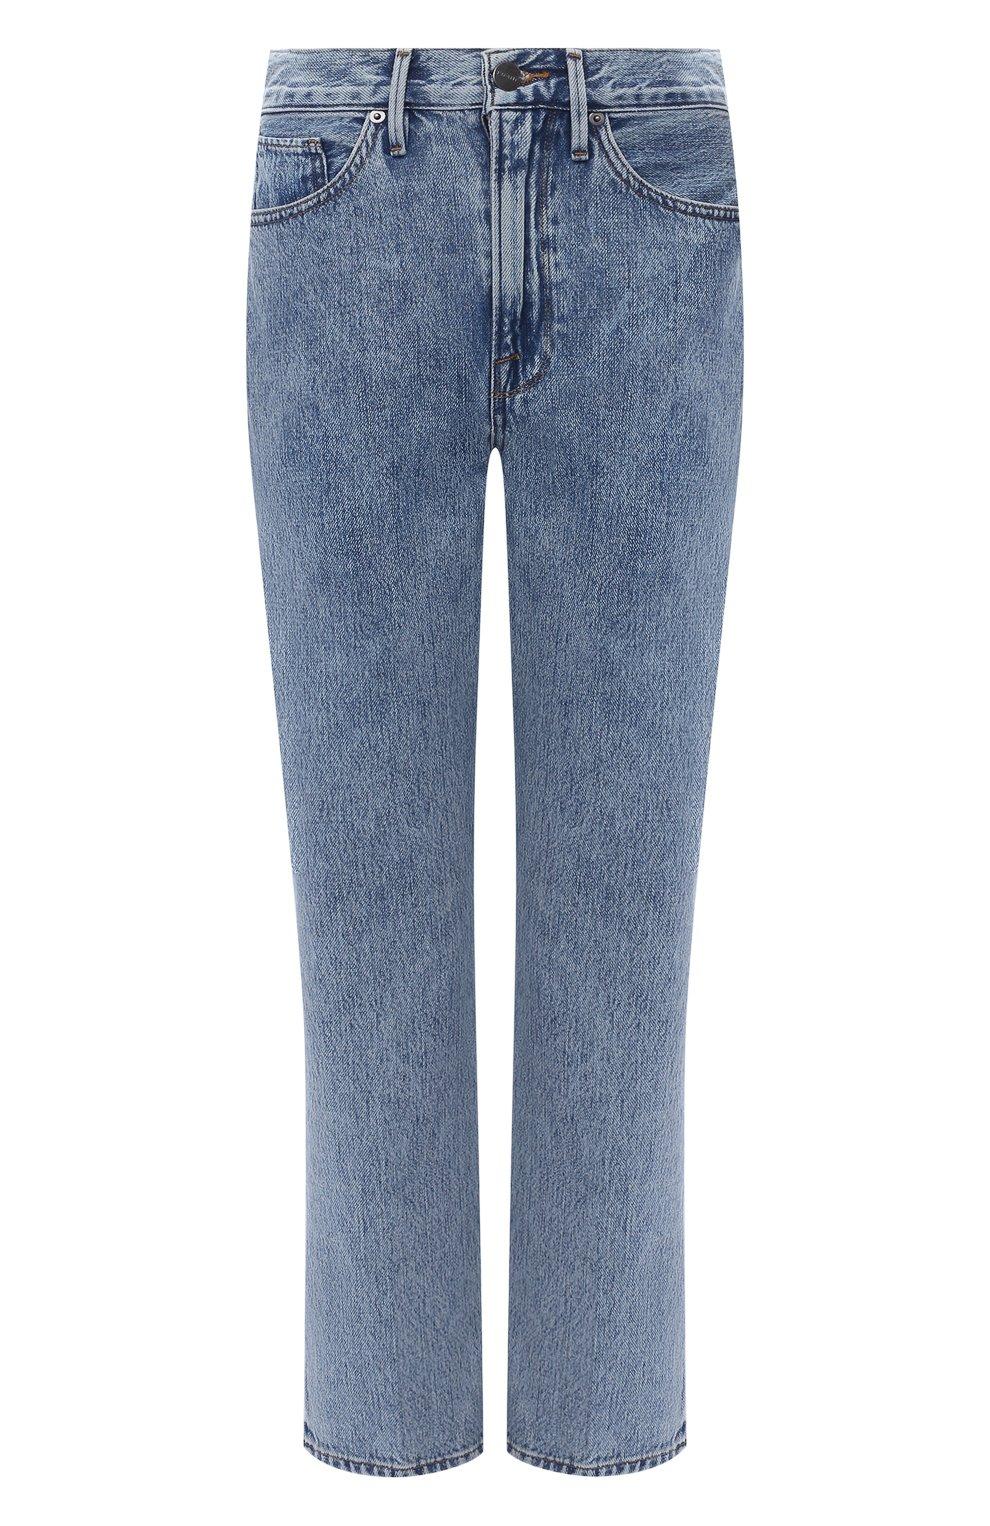 Женские джинсы FRAME DENIM голубого цвета, арт. LPR207 | Фото 1 (Кросс-КТ: Деним; Длина (брюки, джинсы): Стандартные; Материал внешний: Хлопок; Детали: Потертости; Силуэт Ж (брюки и джинсы): Узкие; Стили: Кэжуэл)